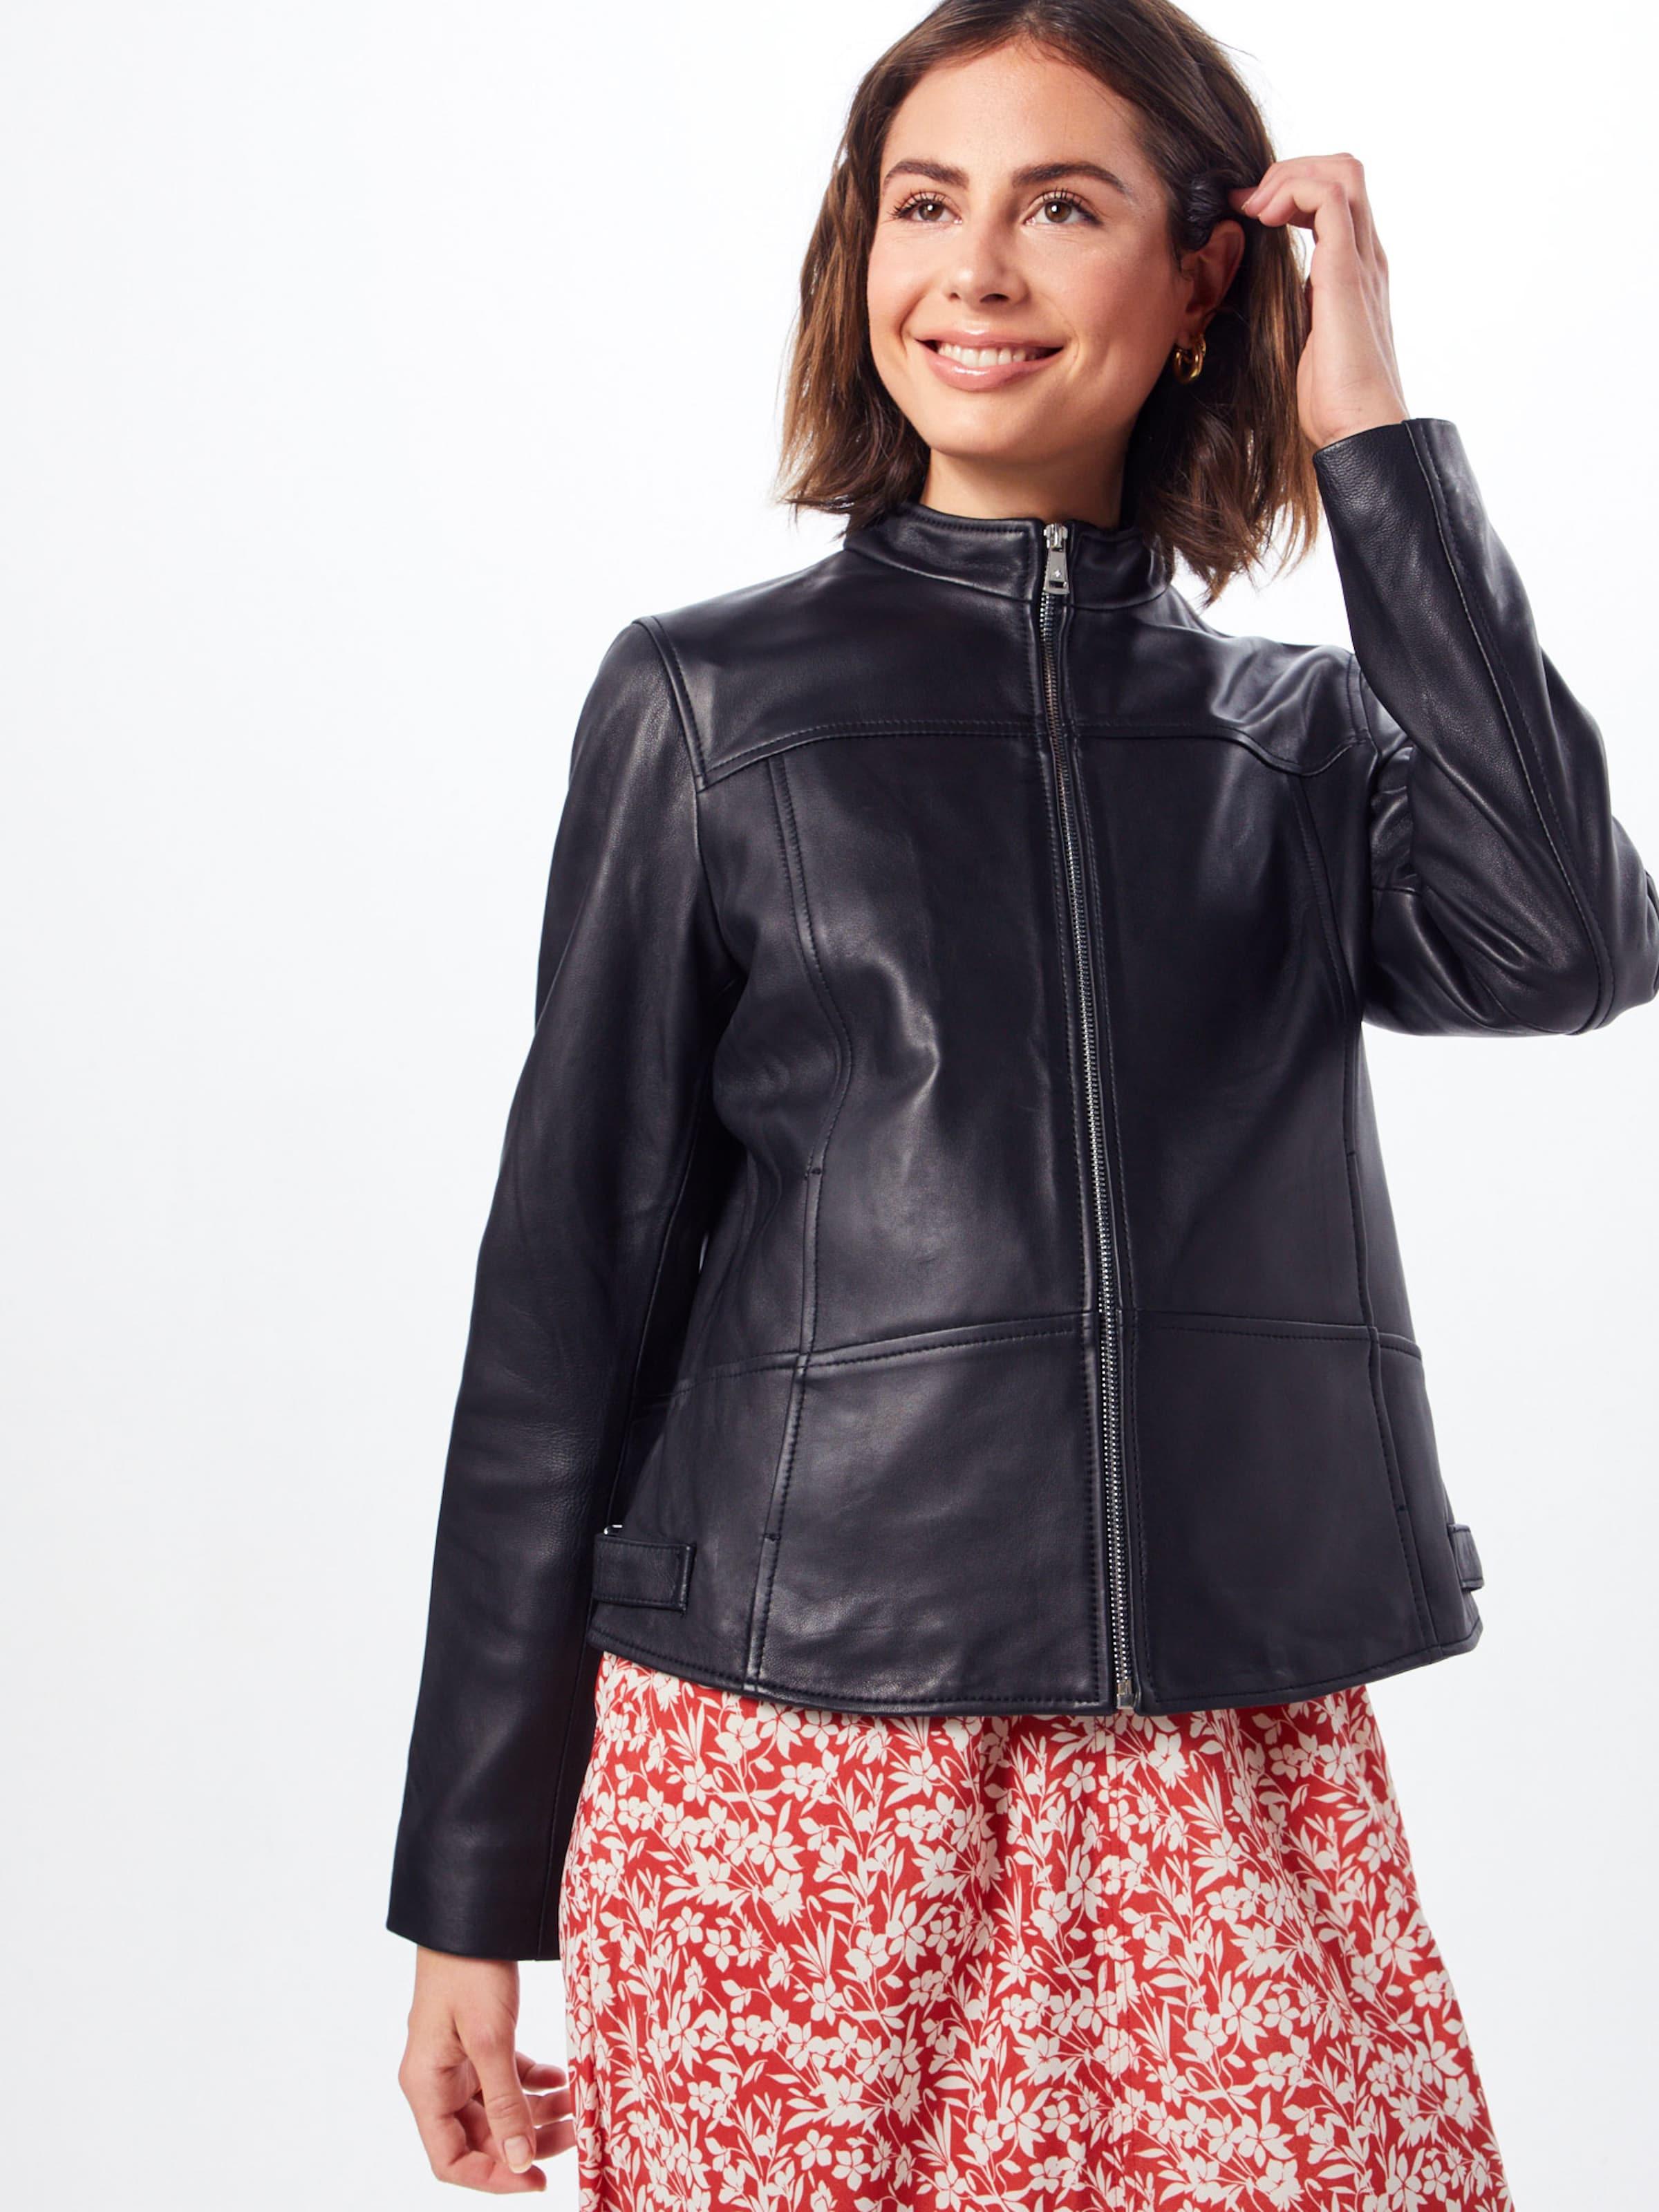 Ralph Lauren Leather Lederjacke 'new jacket' Schwarz In DHW2IE9